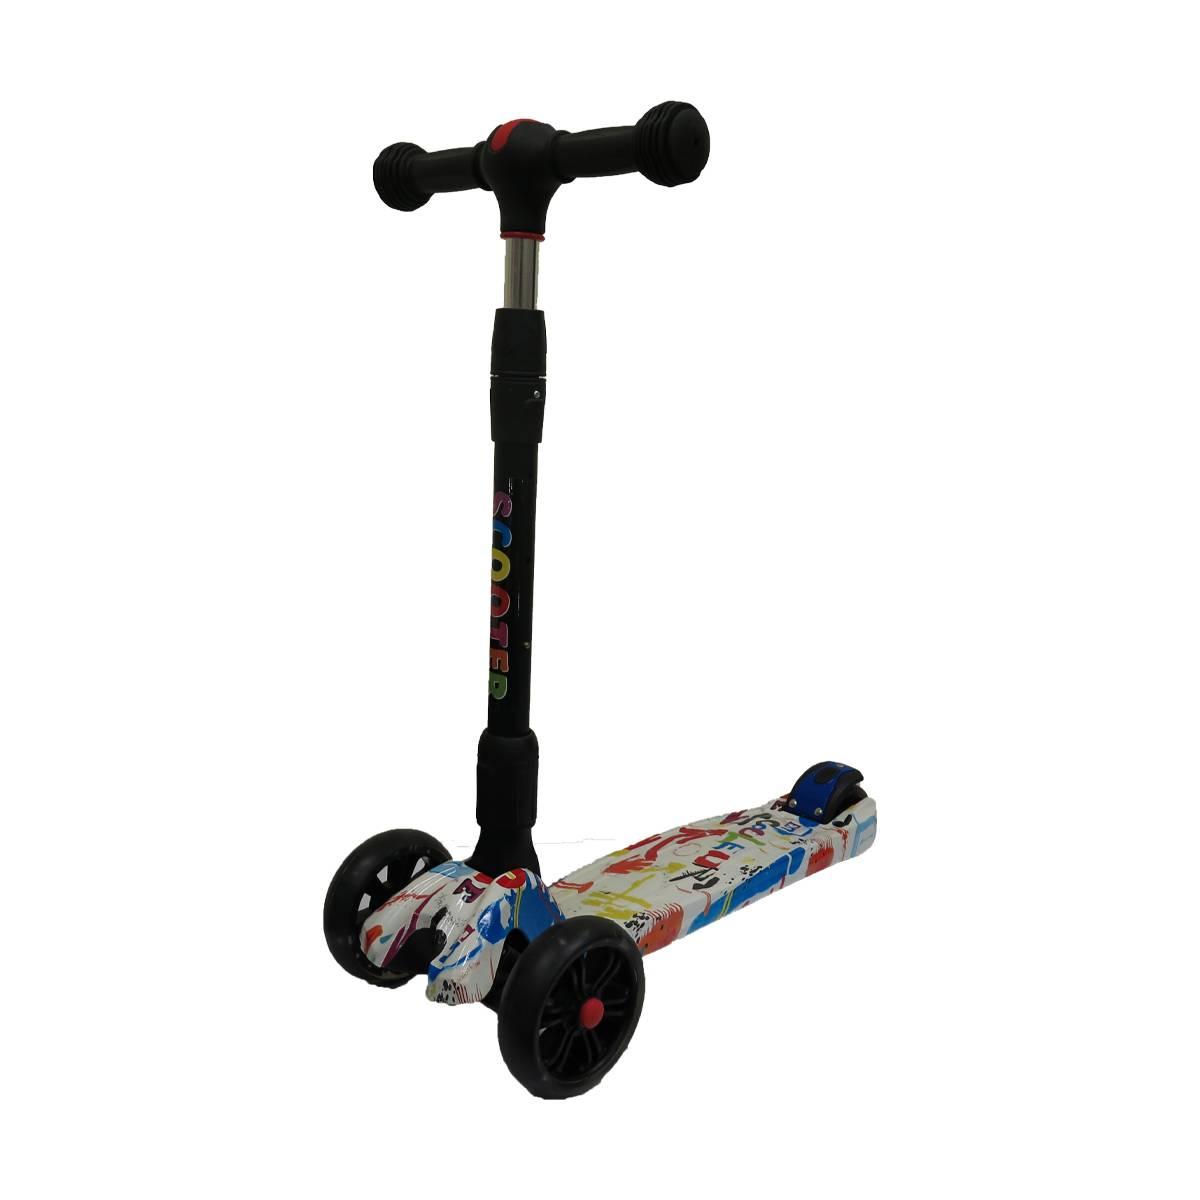 Купить Самокат Scooter больших колеса+свет, 21st Scooter, Самокаты детские